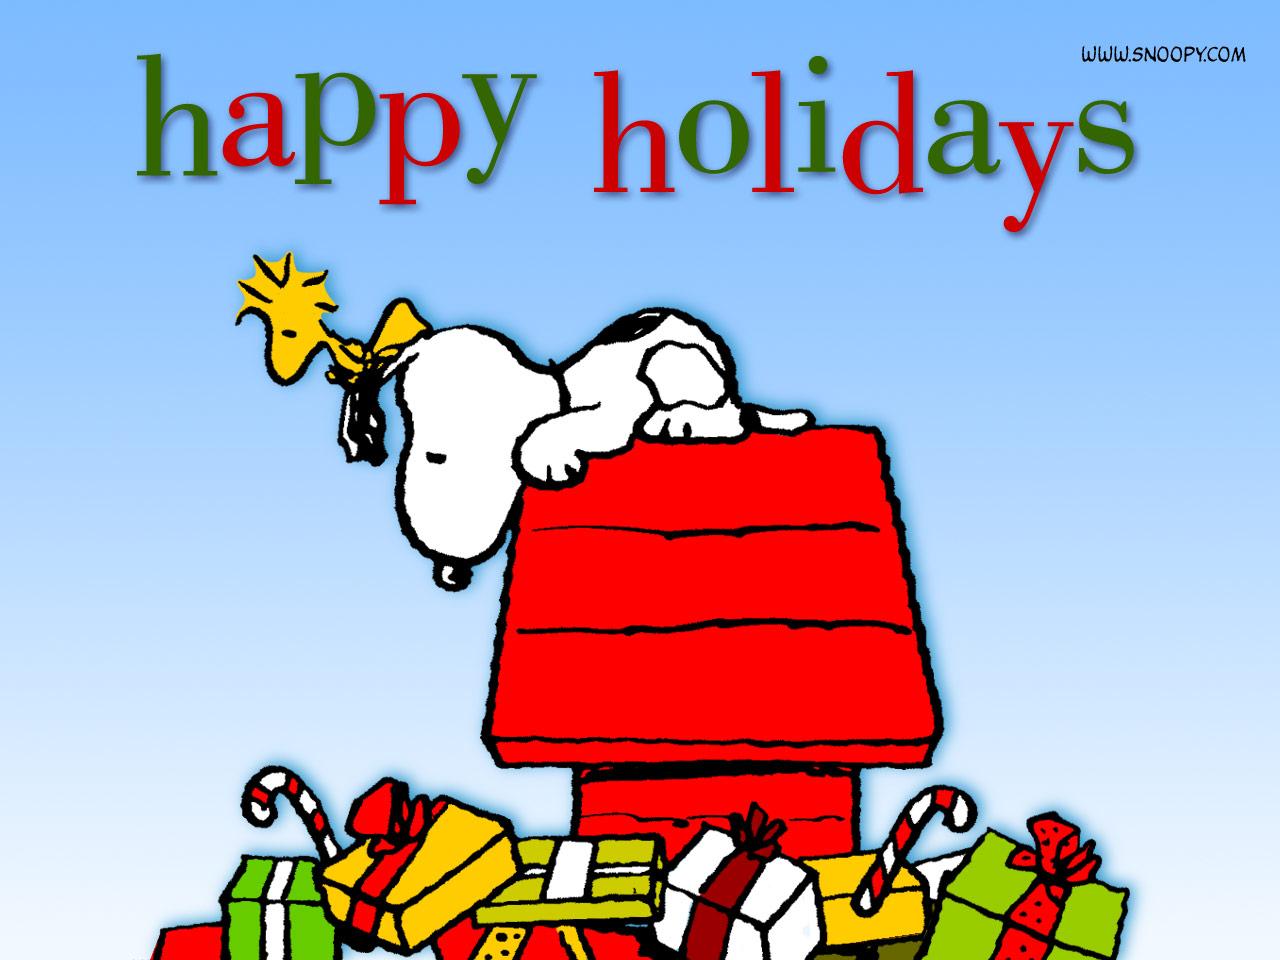 Charlie Brown Christmas Wallpapers Christmas Cartoons